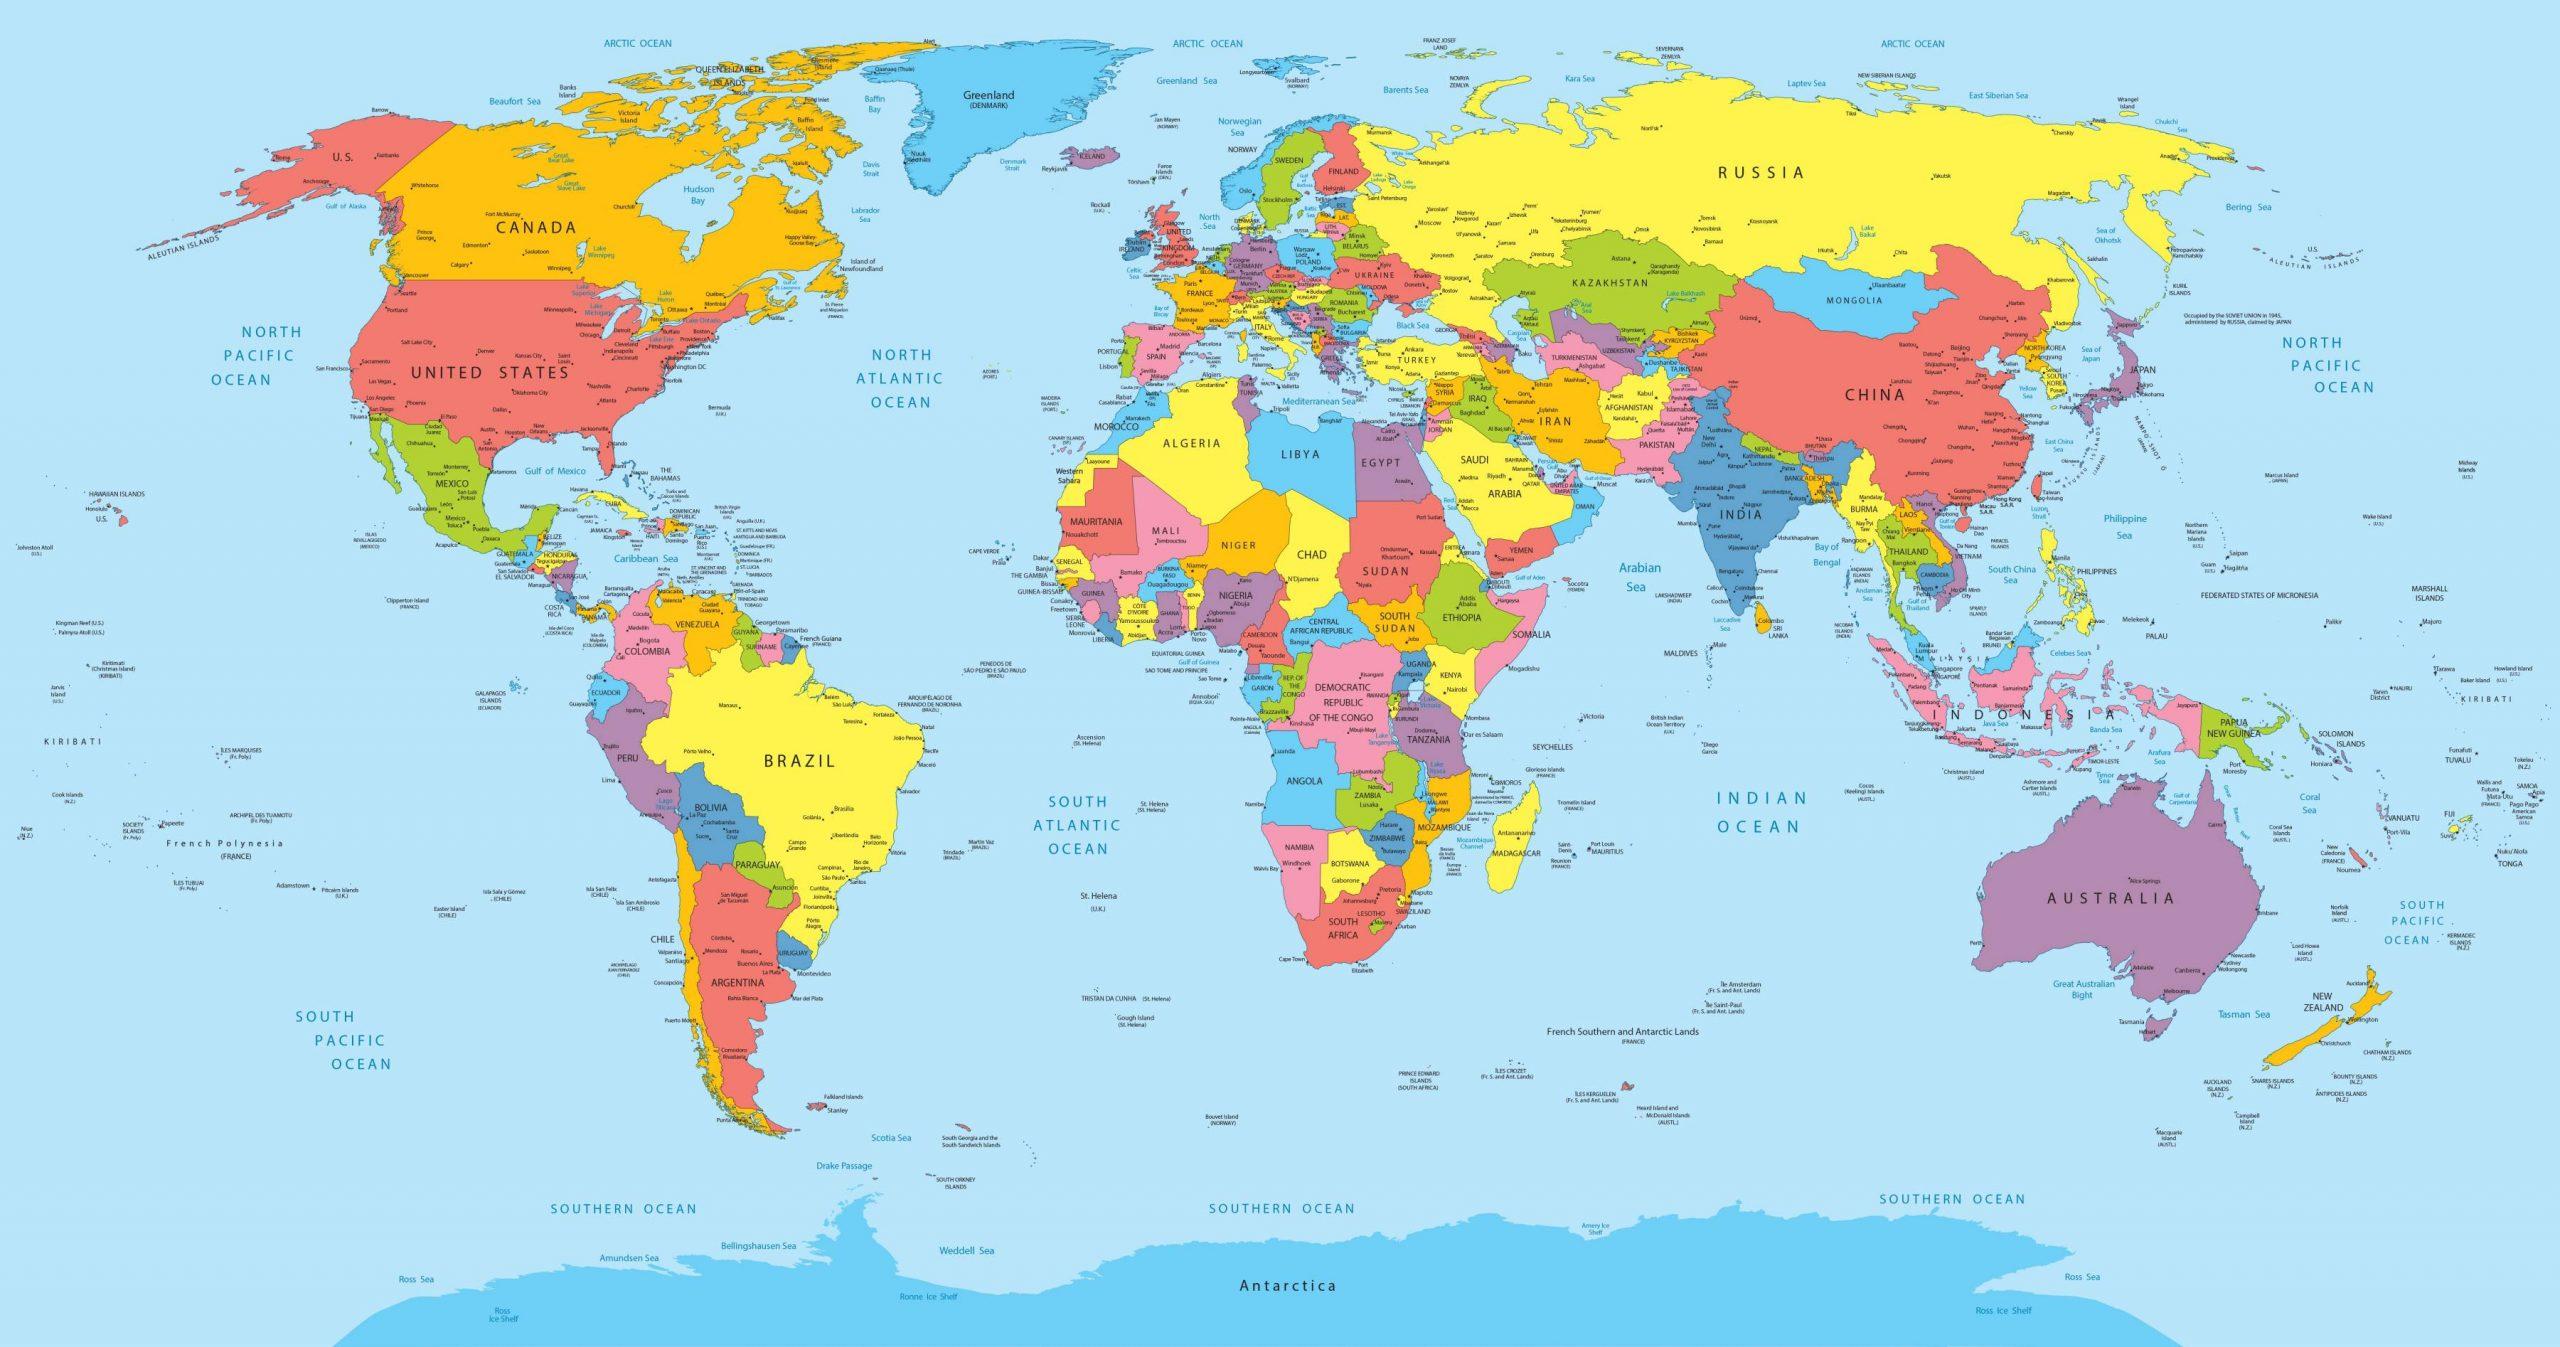 Carte Du Monde - Présentation Du Monde Sous Forme De Cartograhie encequiconcerne Carte Du Monde Avec Continent